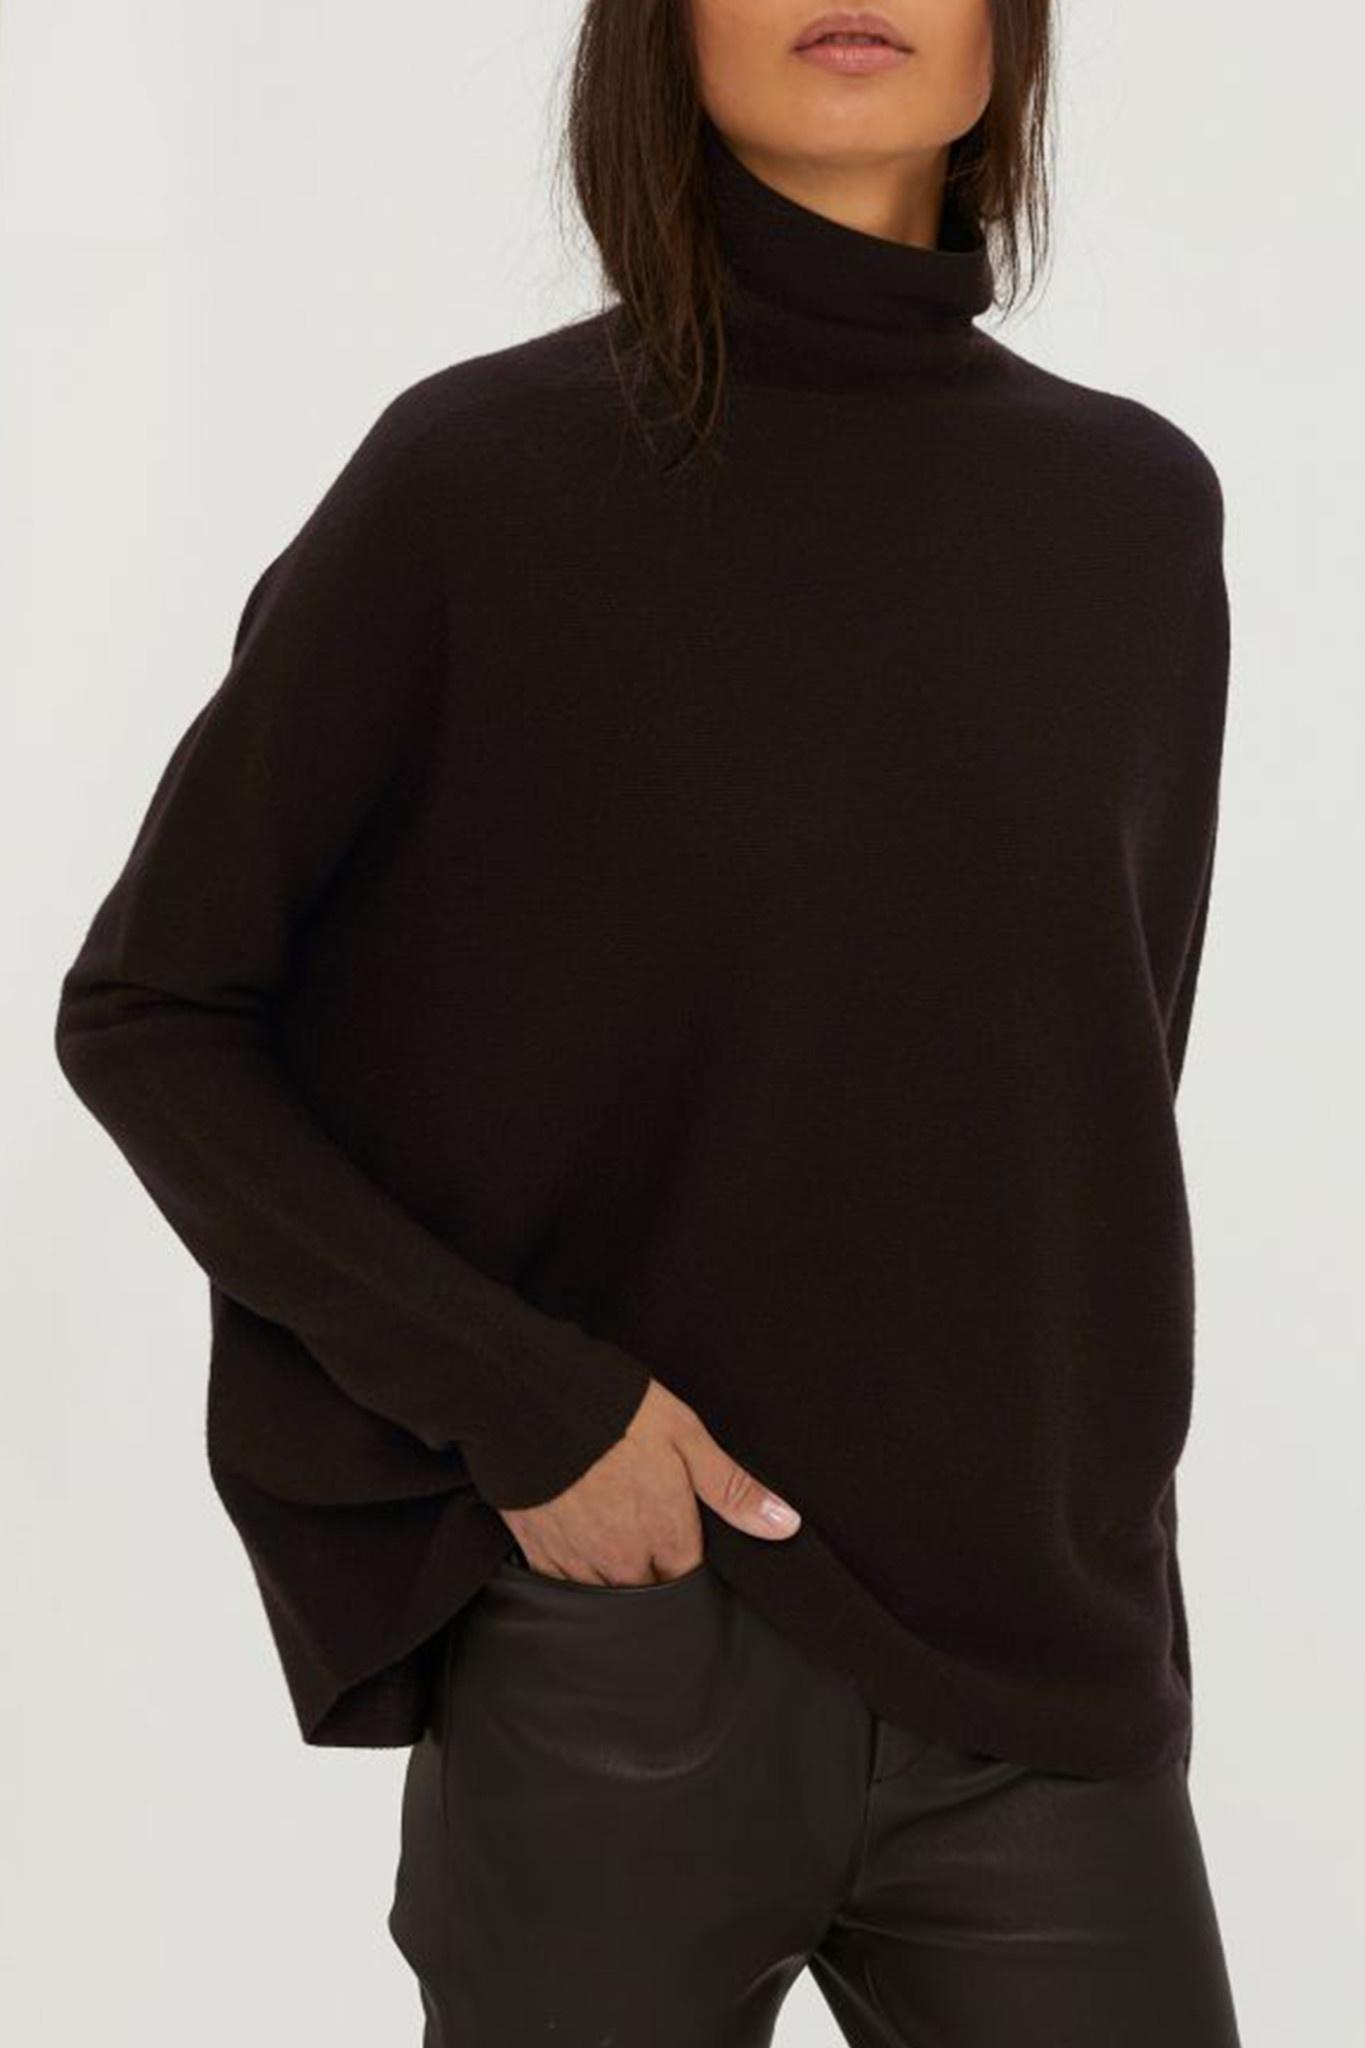 Liora Knitwear - Brown-1